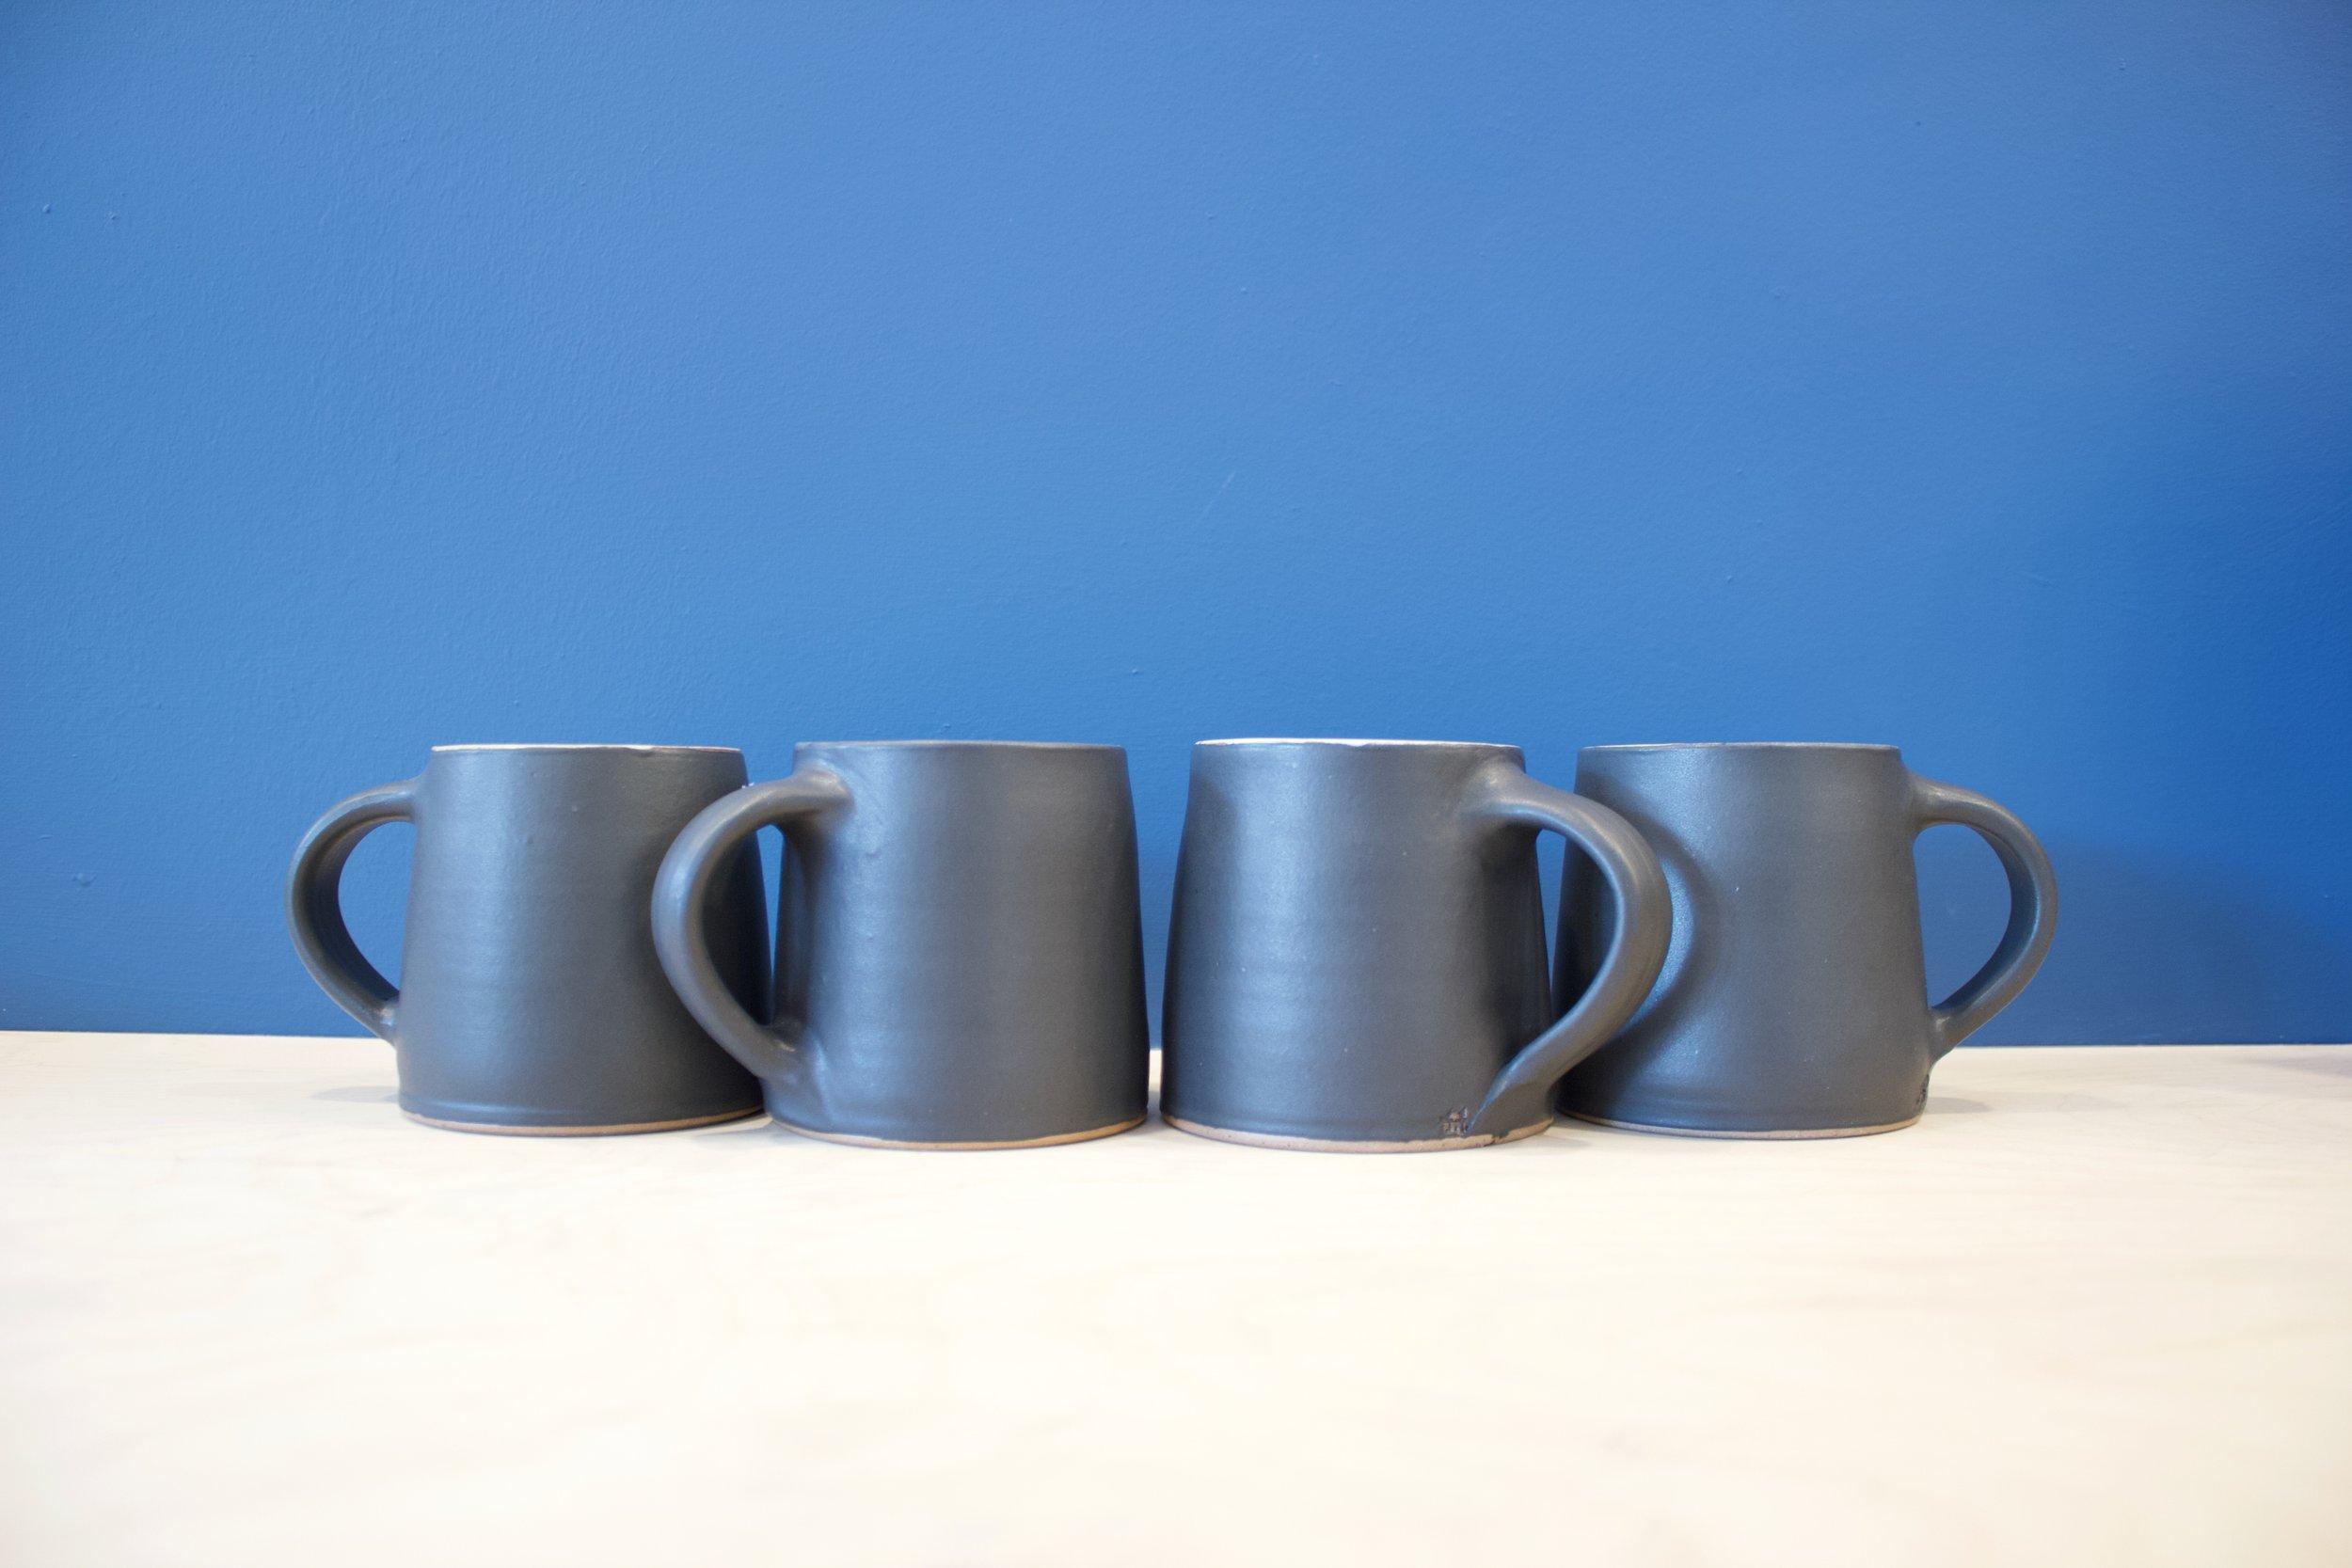 Ali Herbert - Black Mugs